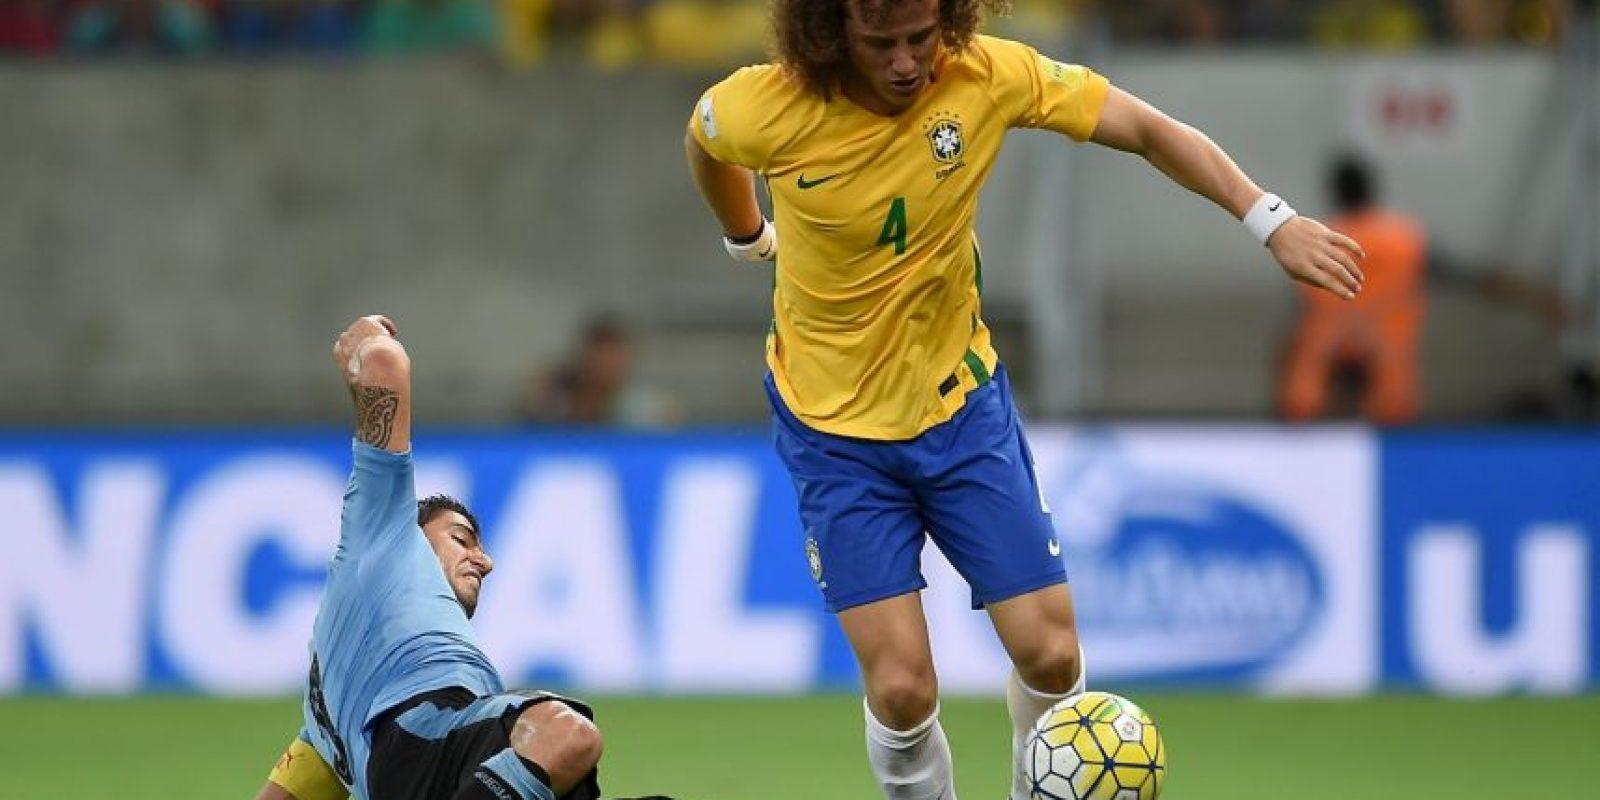 Otro de los que ha sido cuestionado por su liderazgo en la defensa y sus actuaciones. A diferencia de Thiago Silva, el también defensor del PSG si se ganó un cupo en las Clasificatorias, pero para la Copa América Centenario quedó fuera de la lista de Dunga Foto:Getty Images